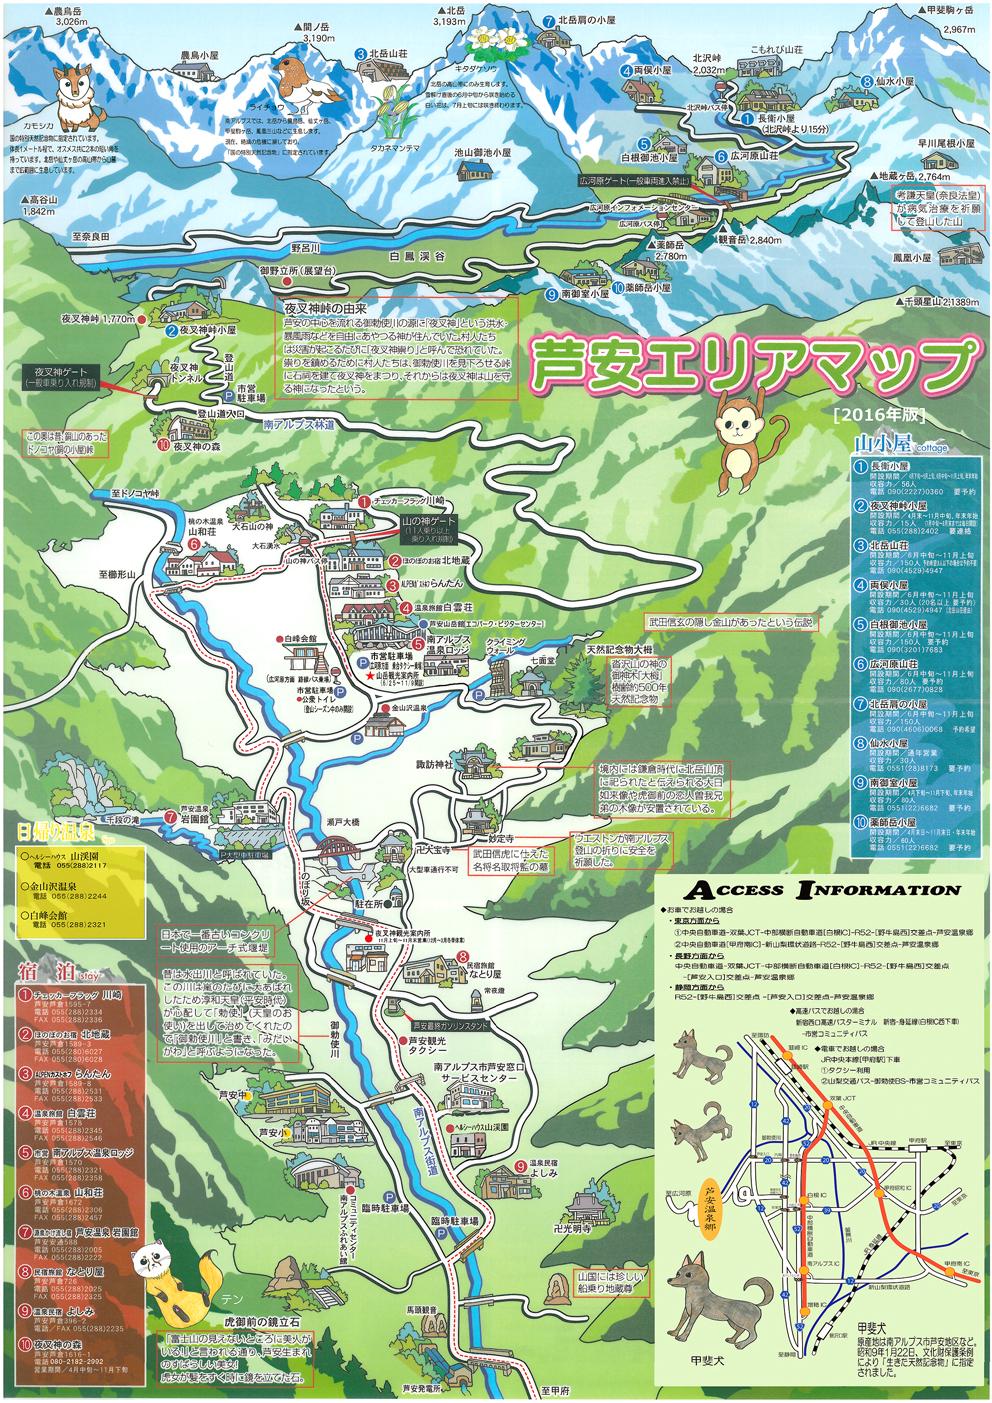 芦安温泉地図